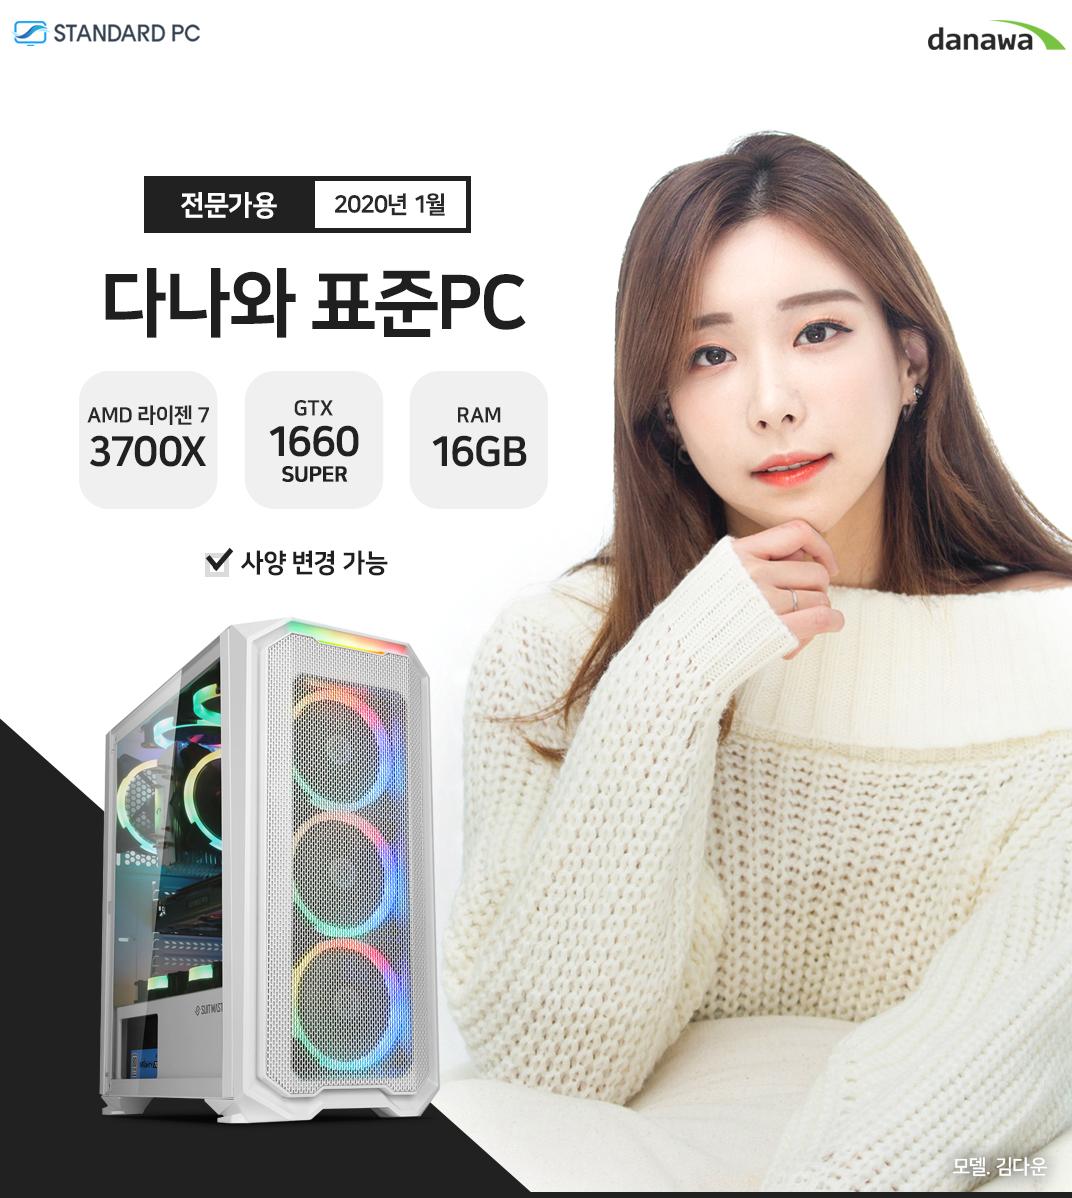 2020년 01월 다나와 표준PC 음향작업용 AMD 라이젠 7 3700X GTX 1660 SUPER VGA RAM 4G 모델 김다운